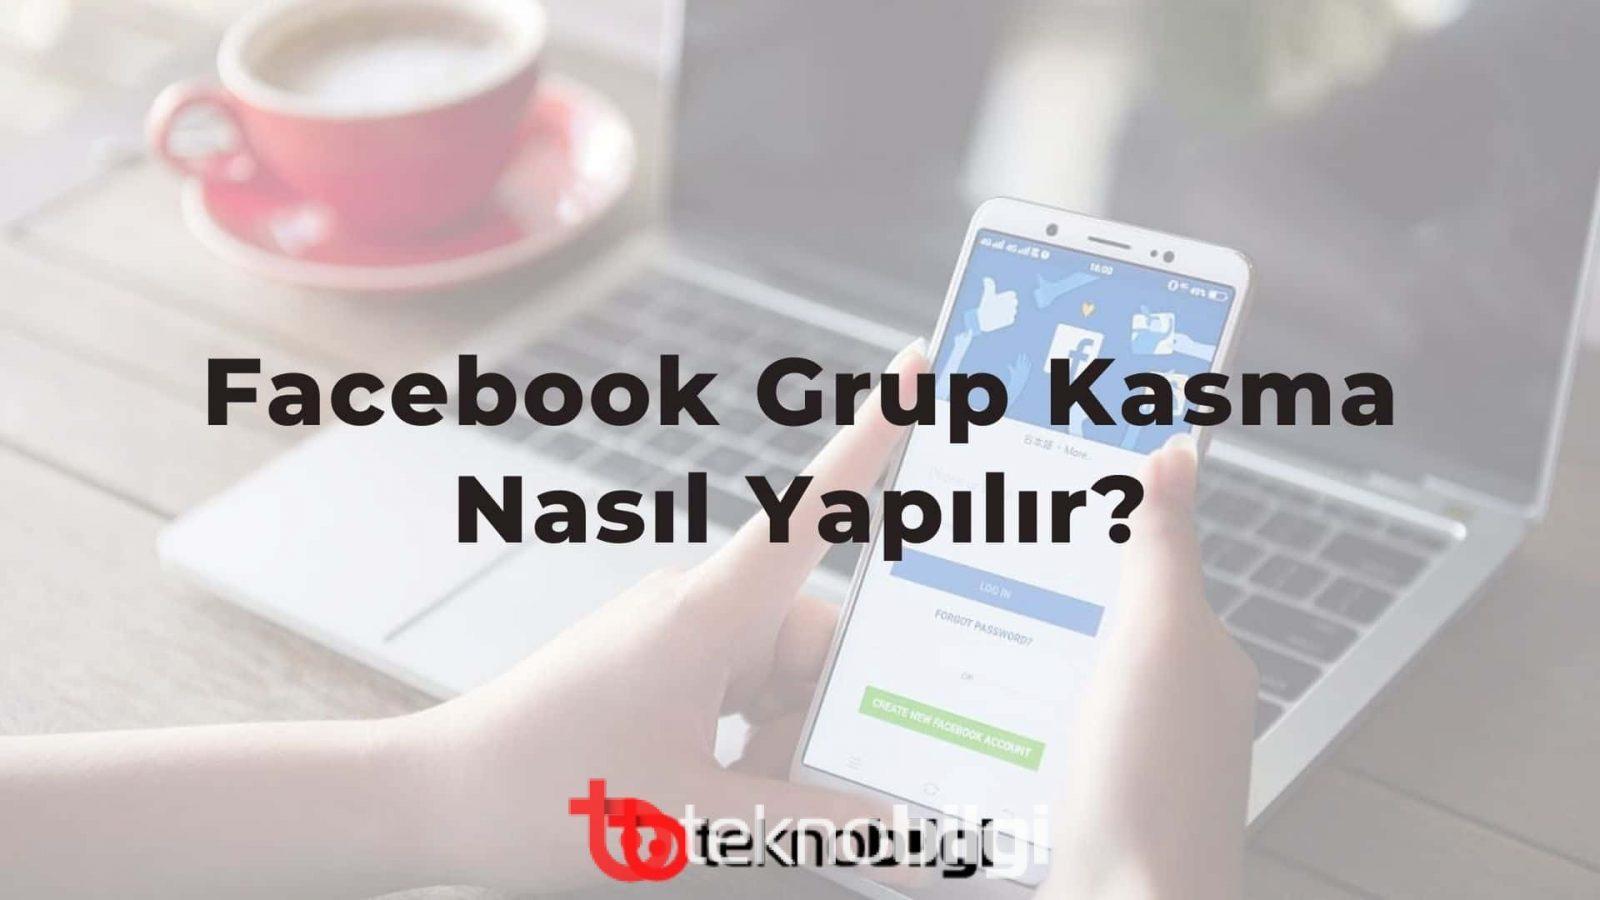 Facebook Grup Kasma Nasıl Yapılır?